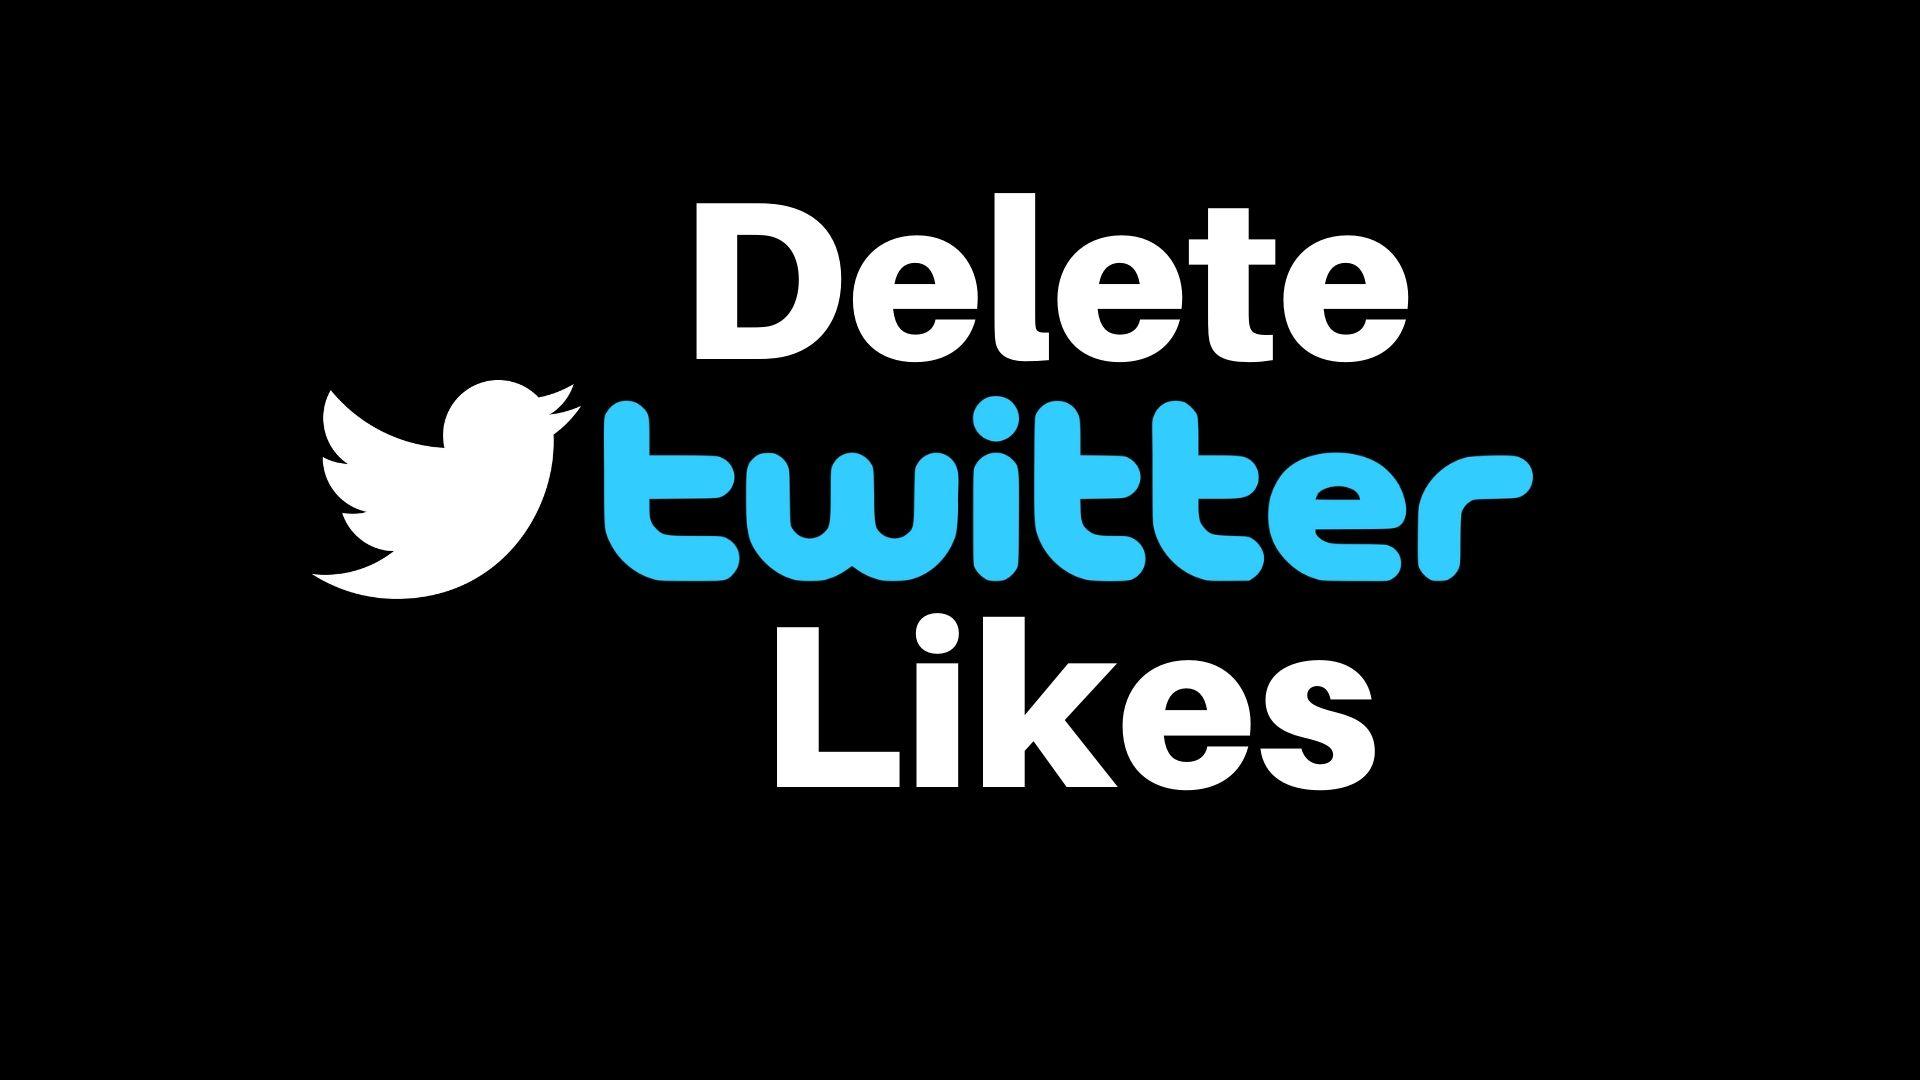 Unlike/Delete Twitter Likes